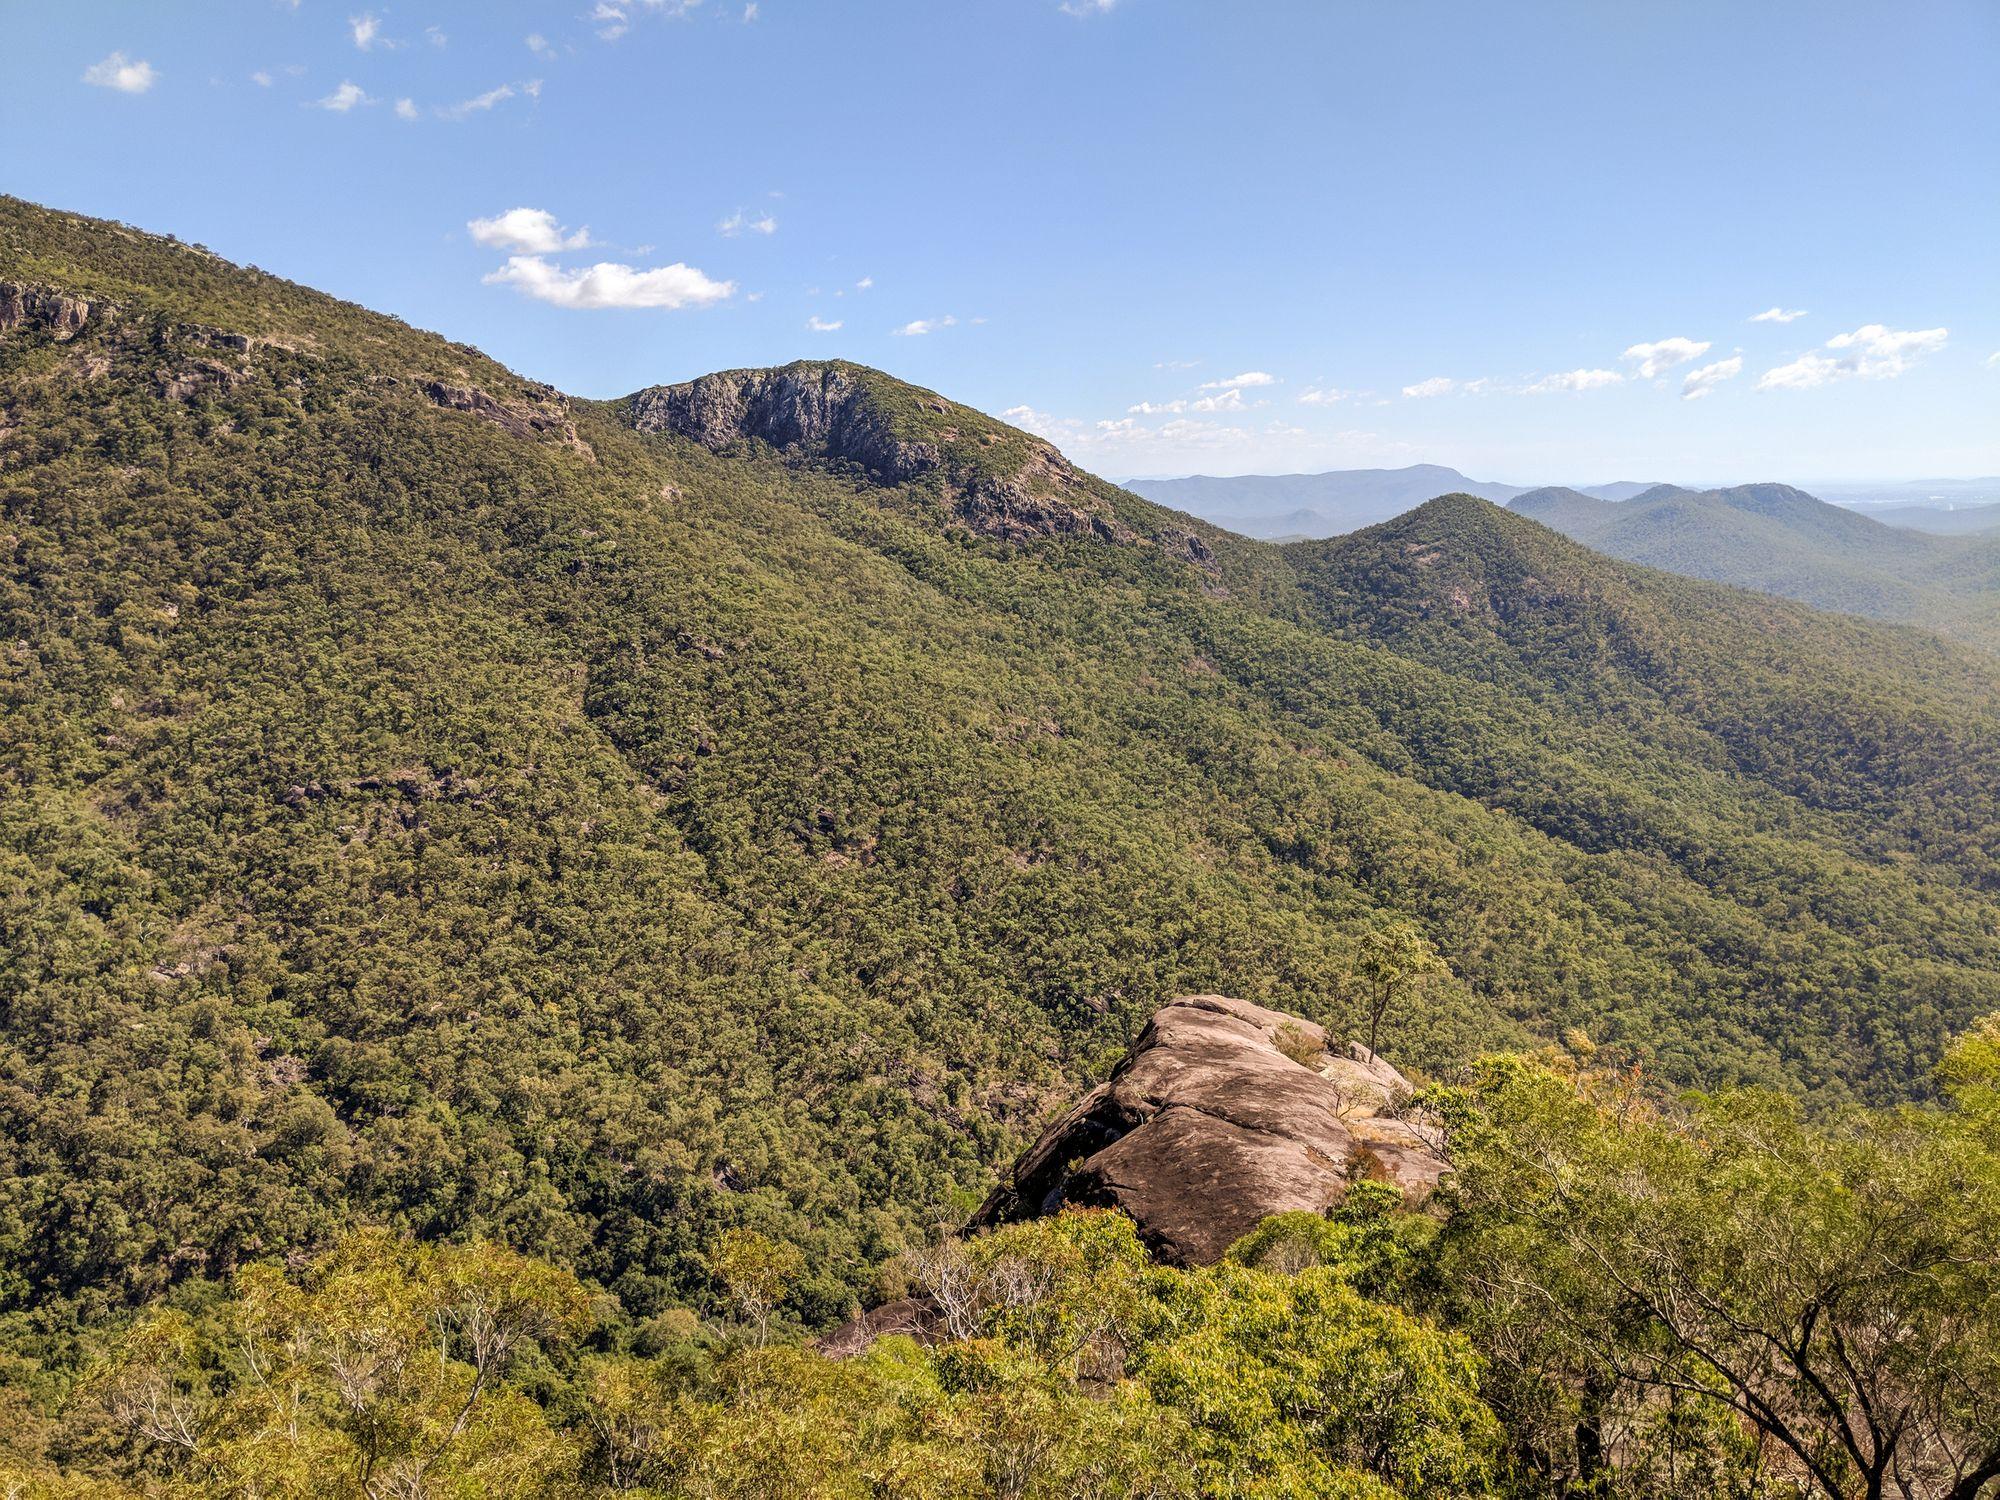 joy s cliff rocky outcrop